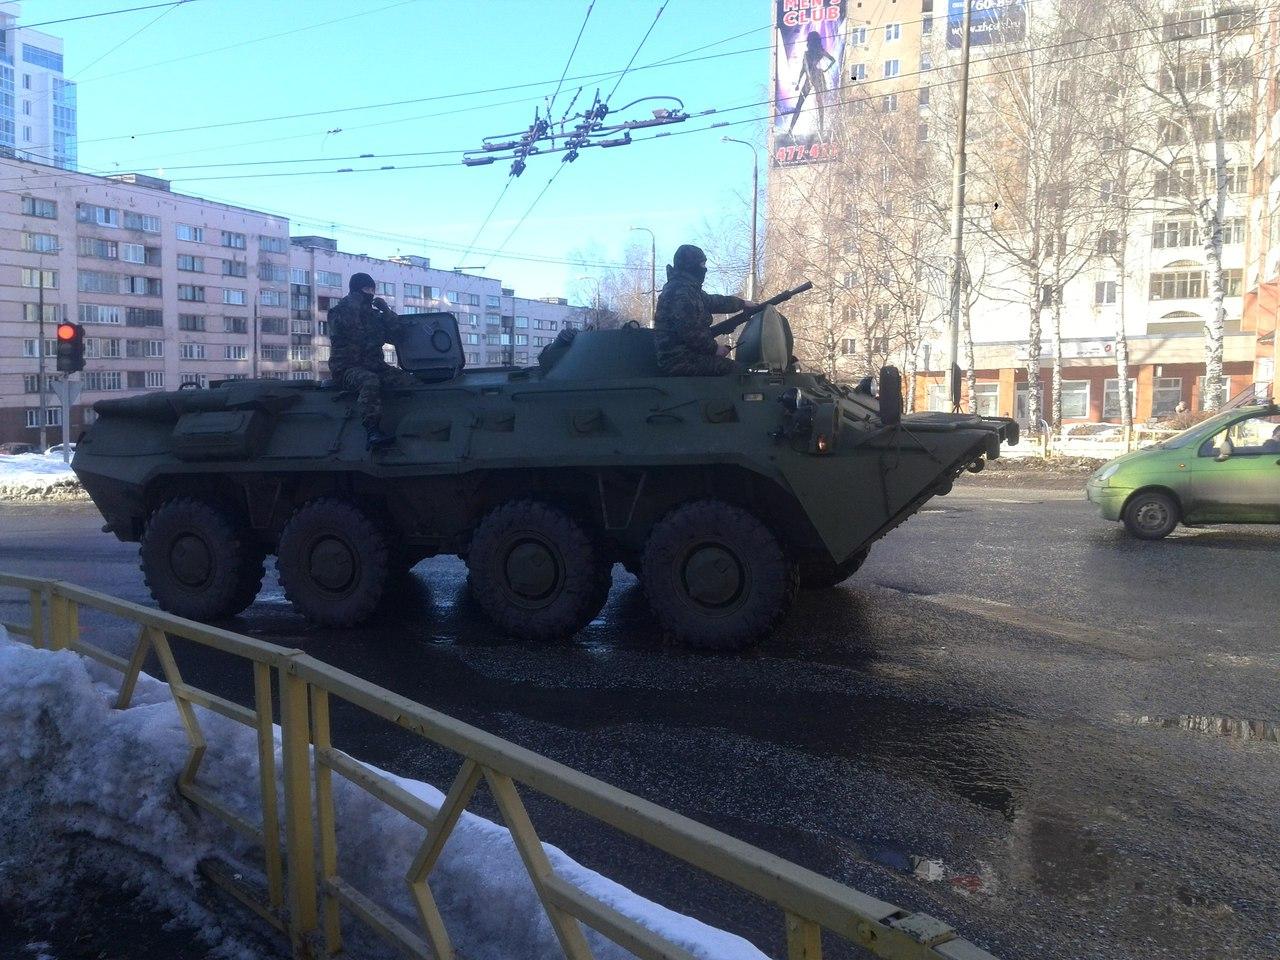 Вчера на дорогах Кирова люди могли видеть БТР